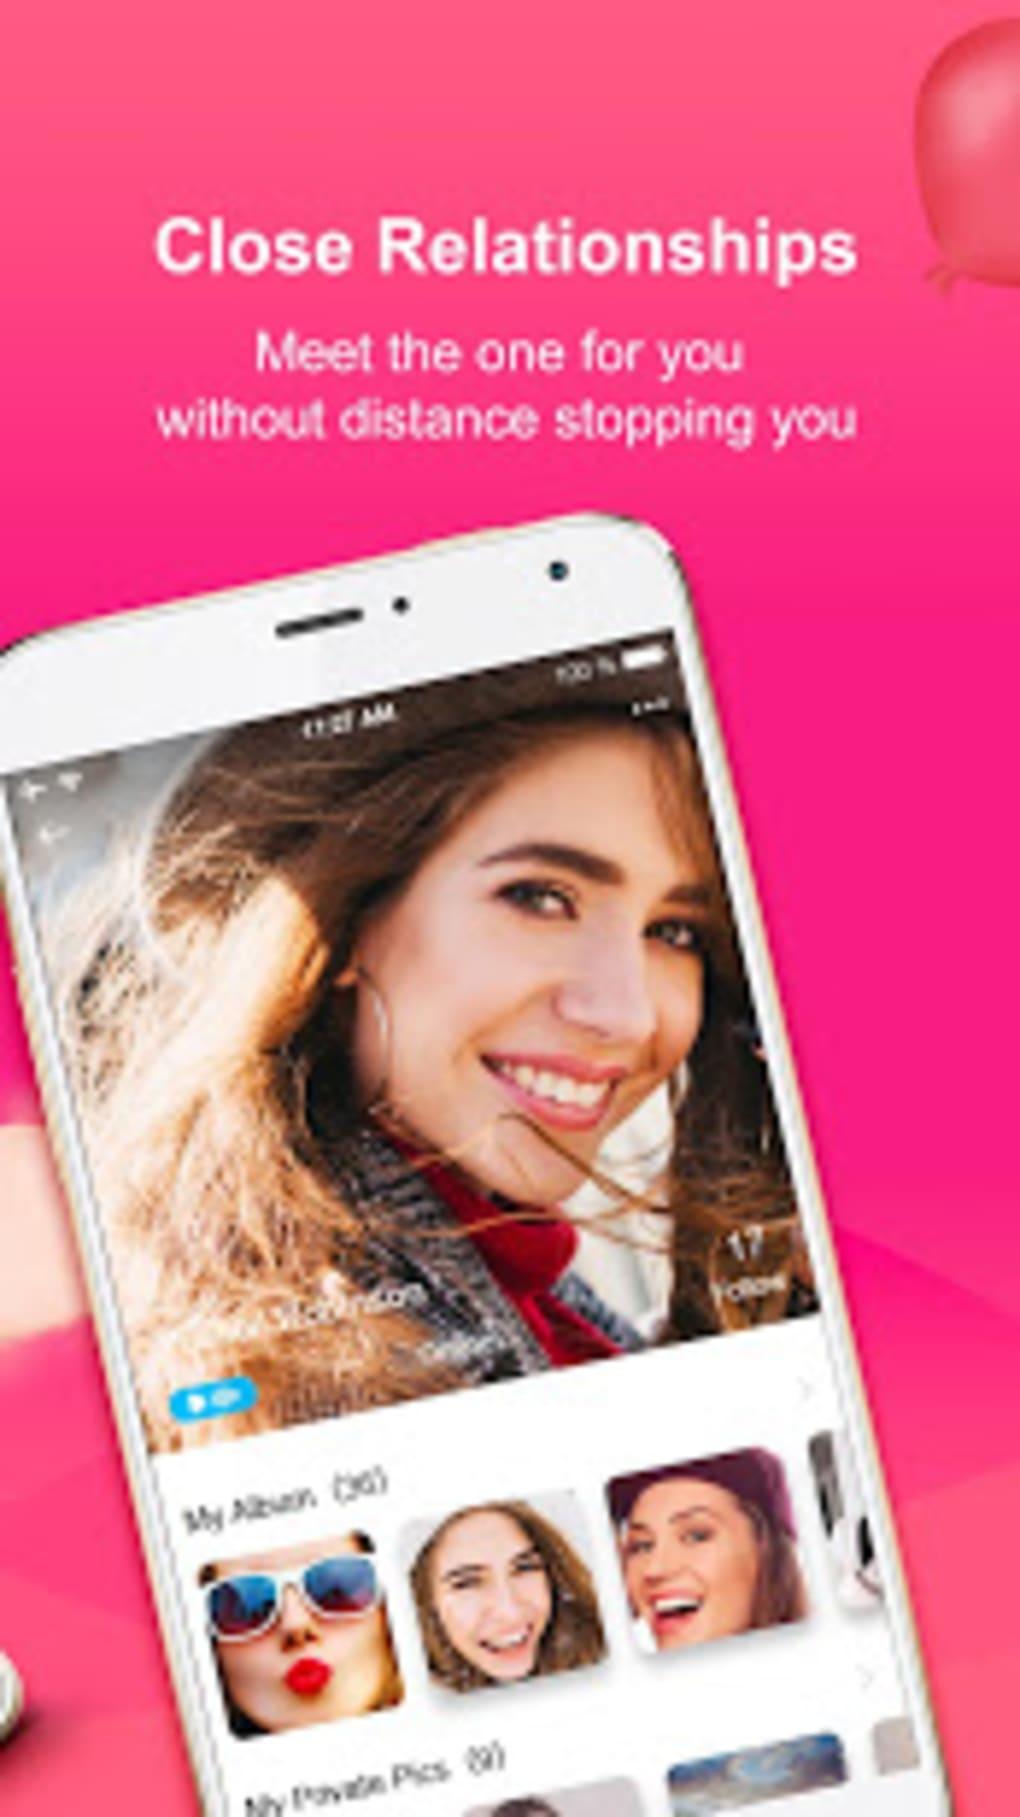 App android dating pepper Pepper SDK